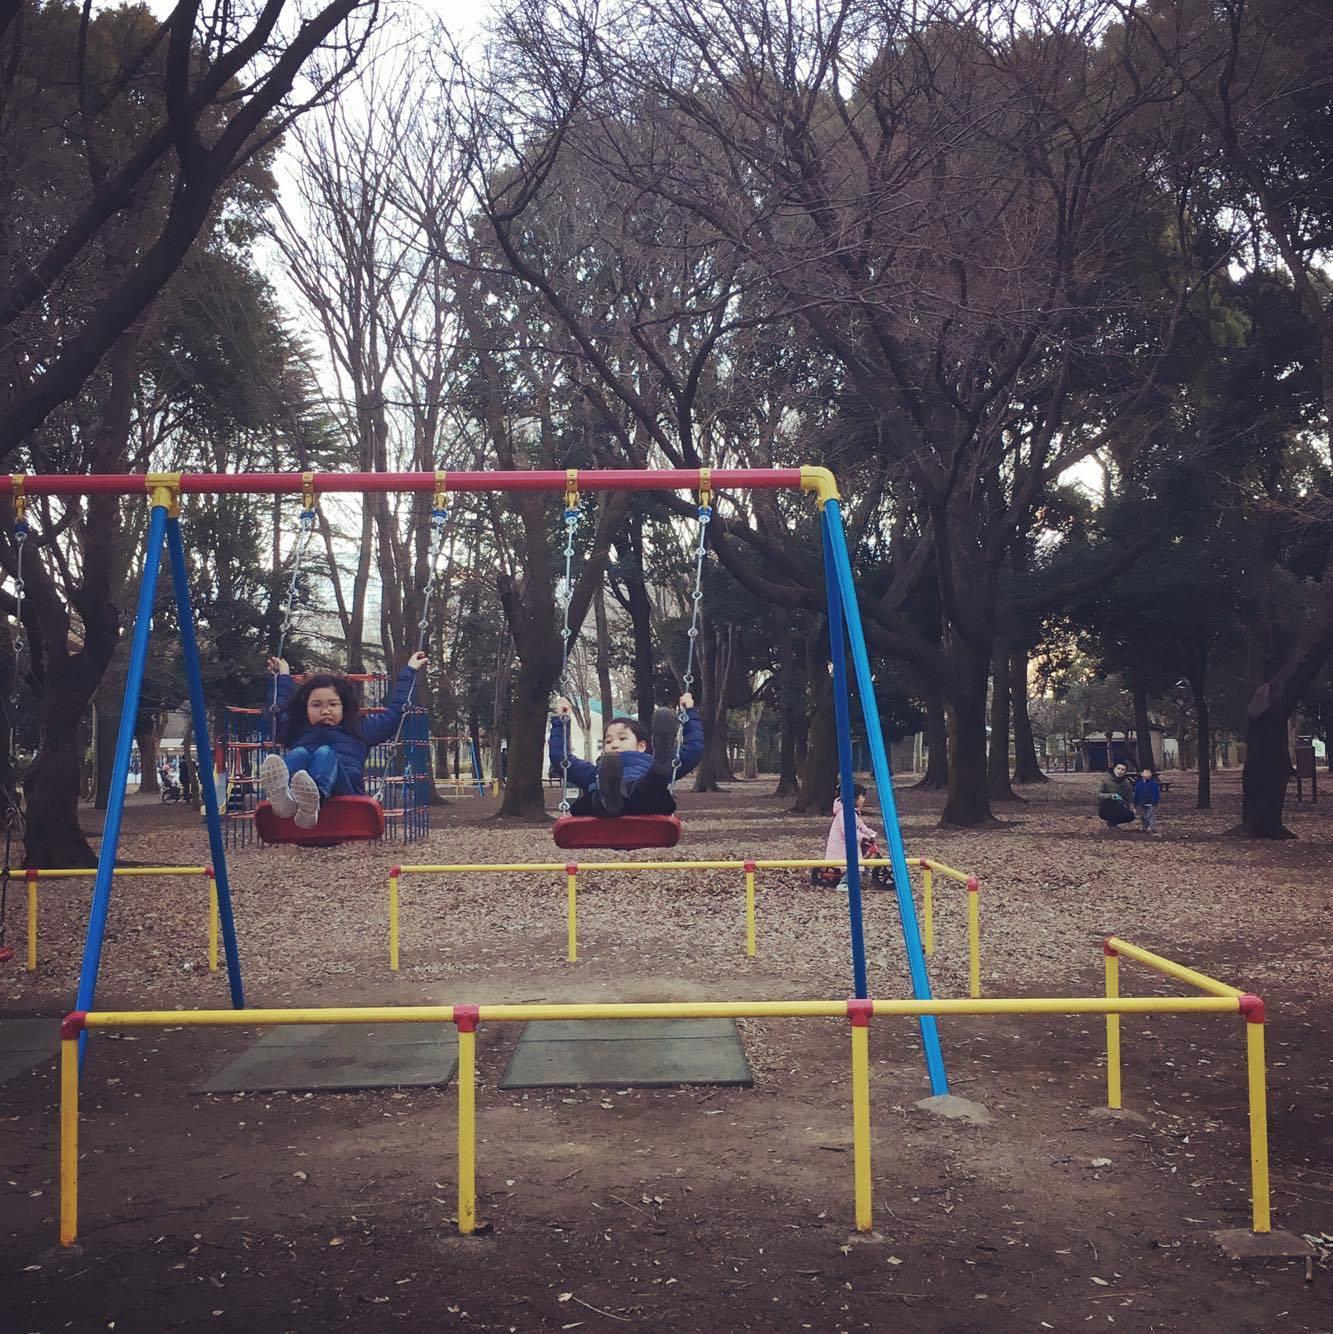 終わりは砧公園でちょっとだけ遊んで帰りました。良い天気の日曜日。さあ、帰って仕事の続きをしなければ〜